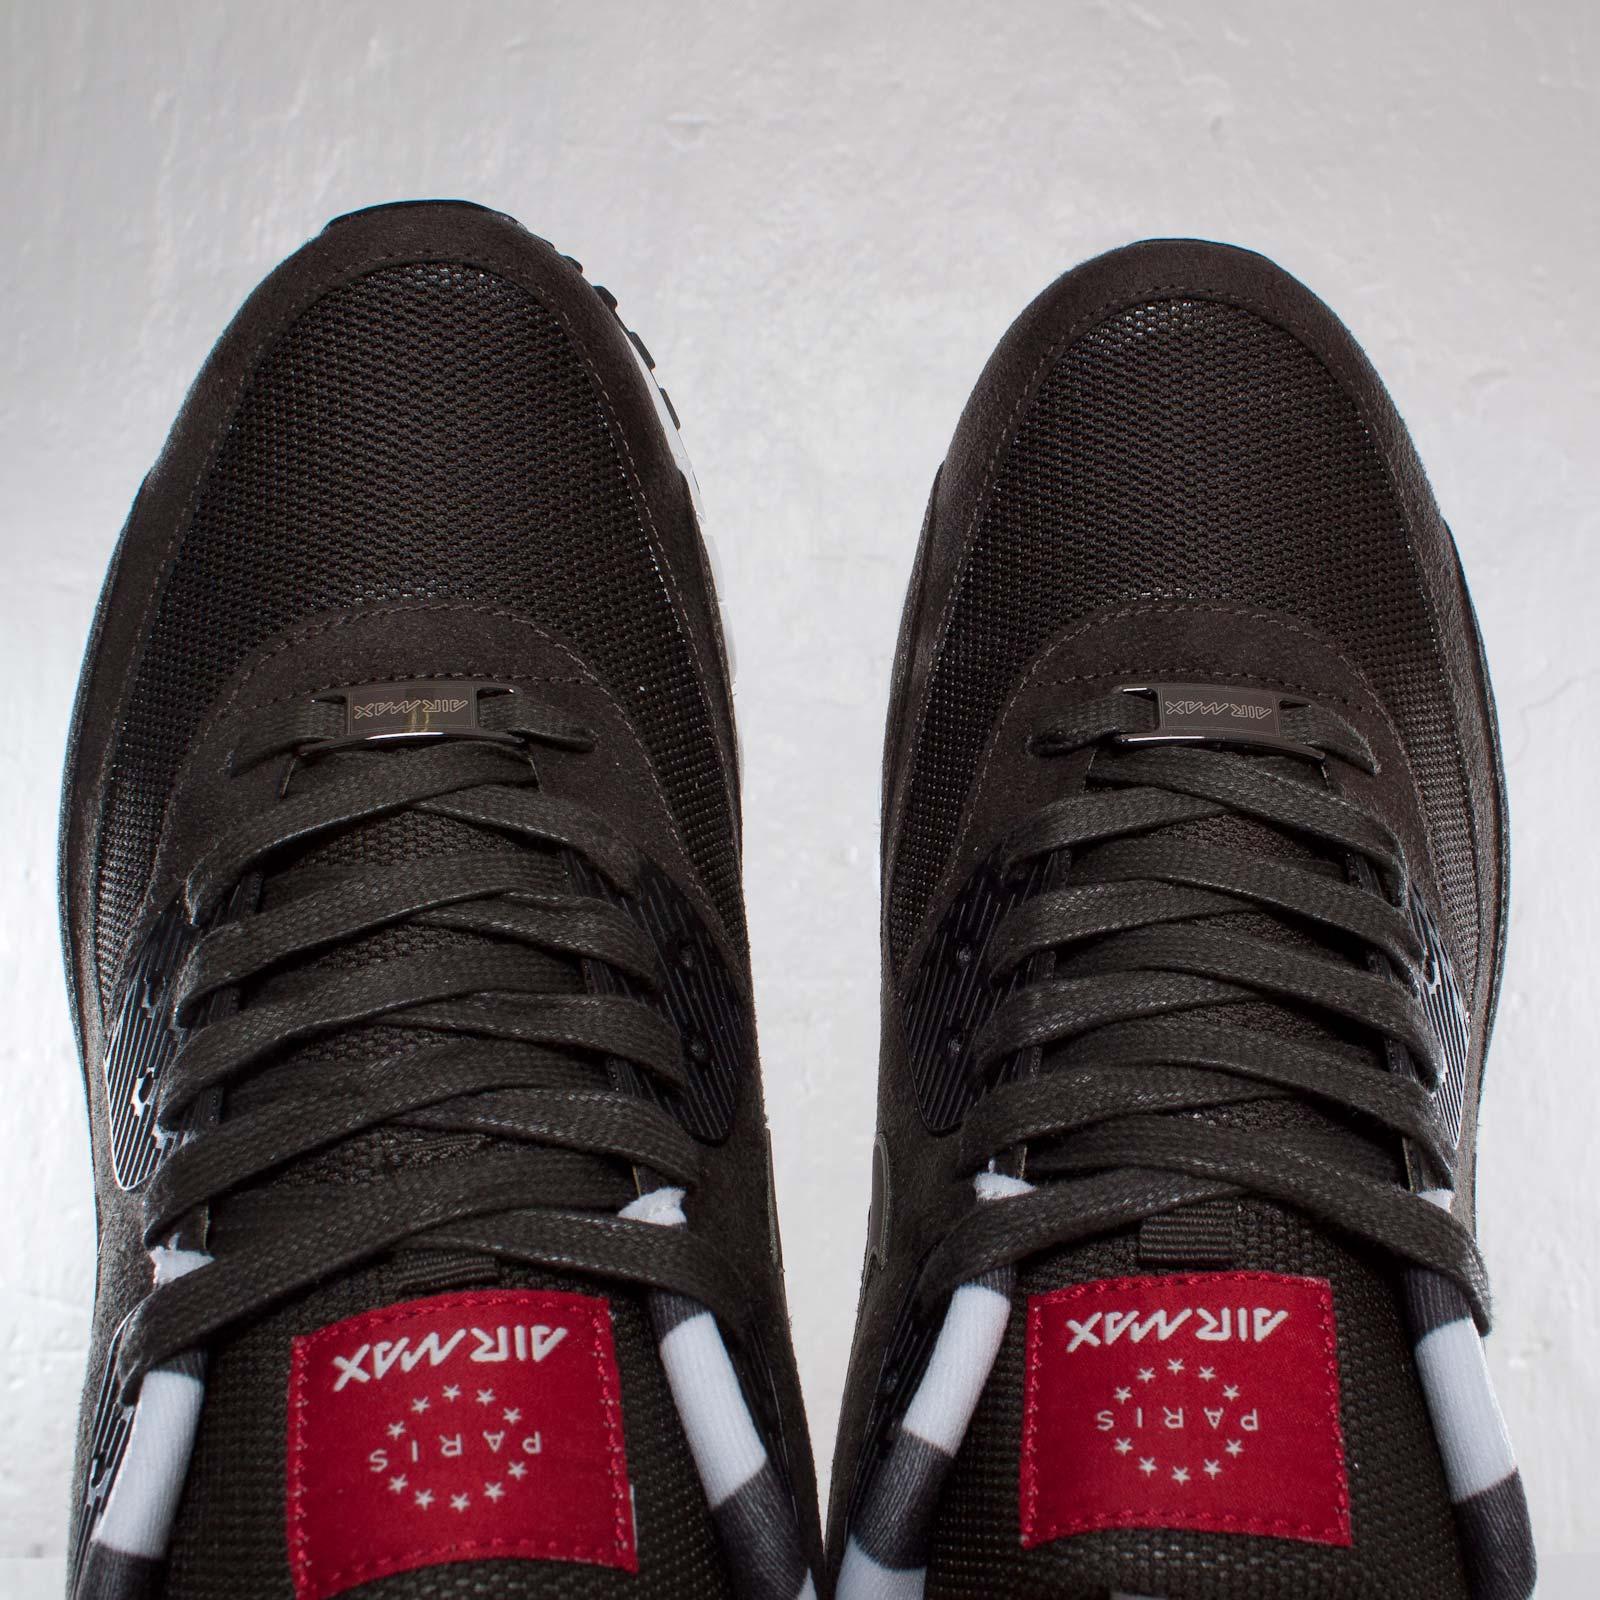 reputable site 1c743 43ca3 Nike Air Max 90 Paris QS - 587581-226 - Sneakersnstuff   sneakers    streetwear online since 1999